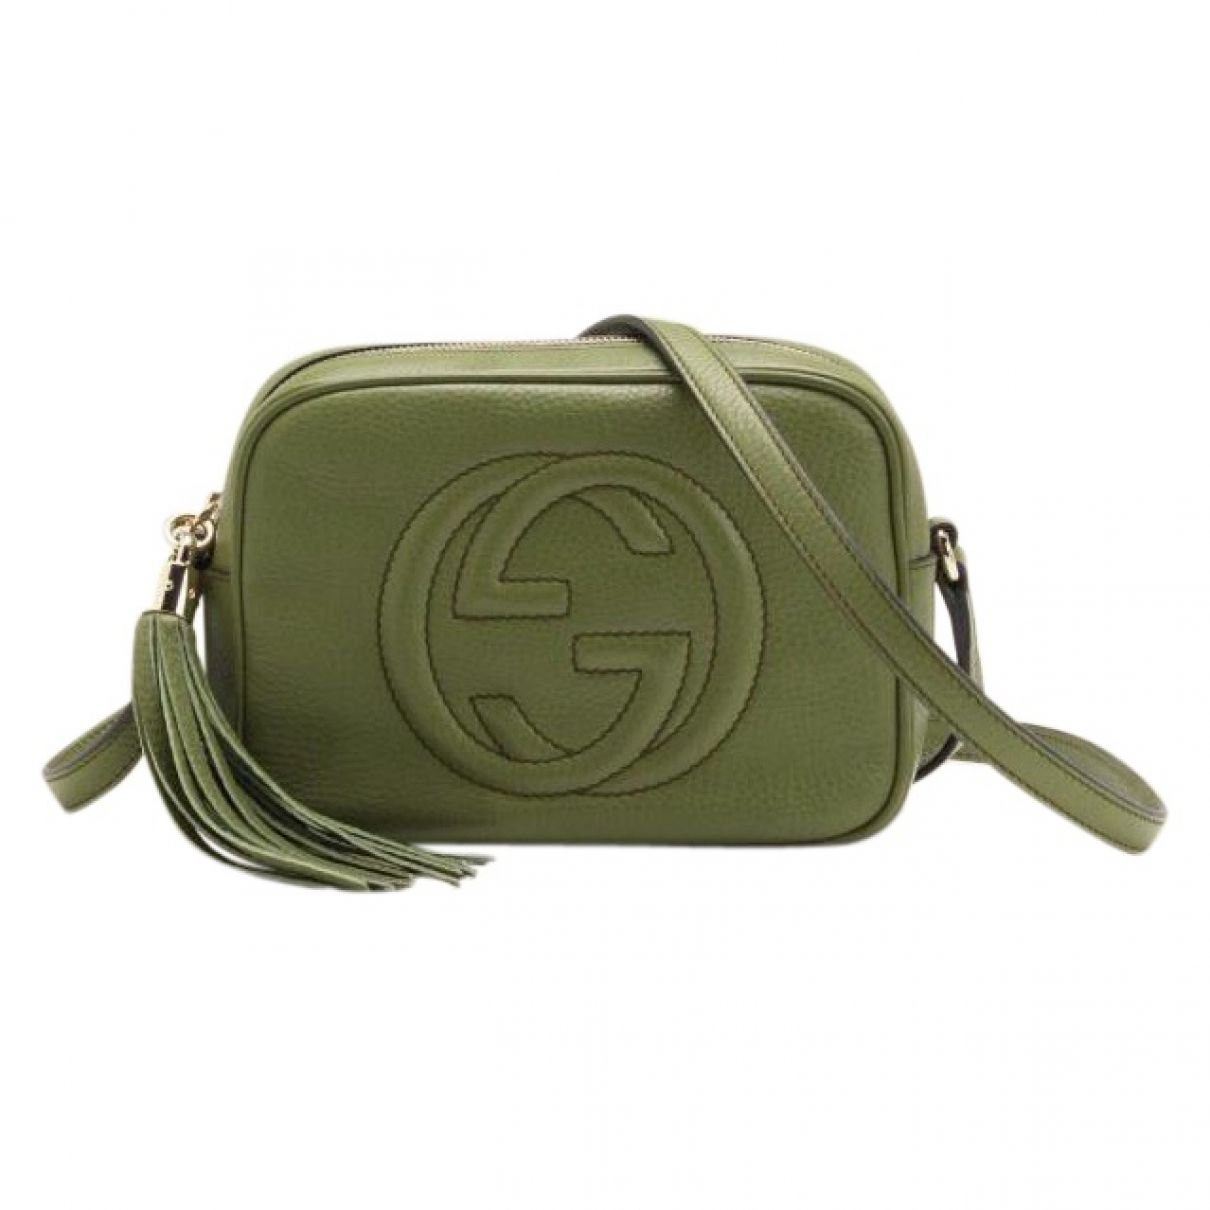 eb950f1d9ffe Gucci Green Leather Handbag Soho   Vestiaire Collective   THE FINER ...